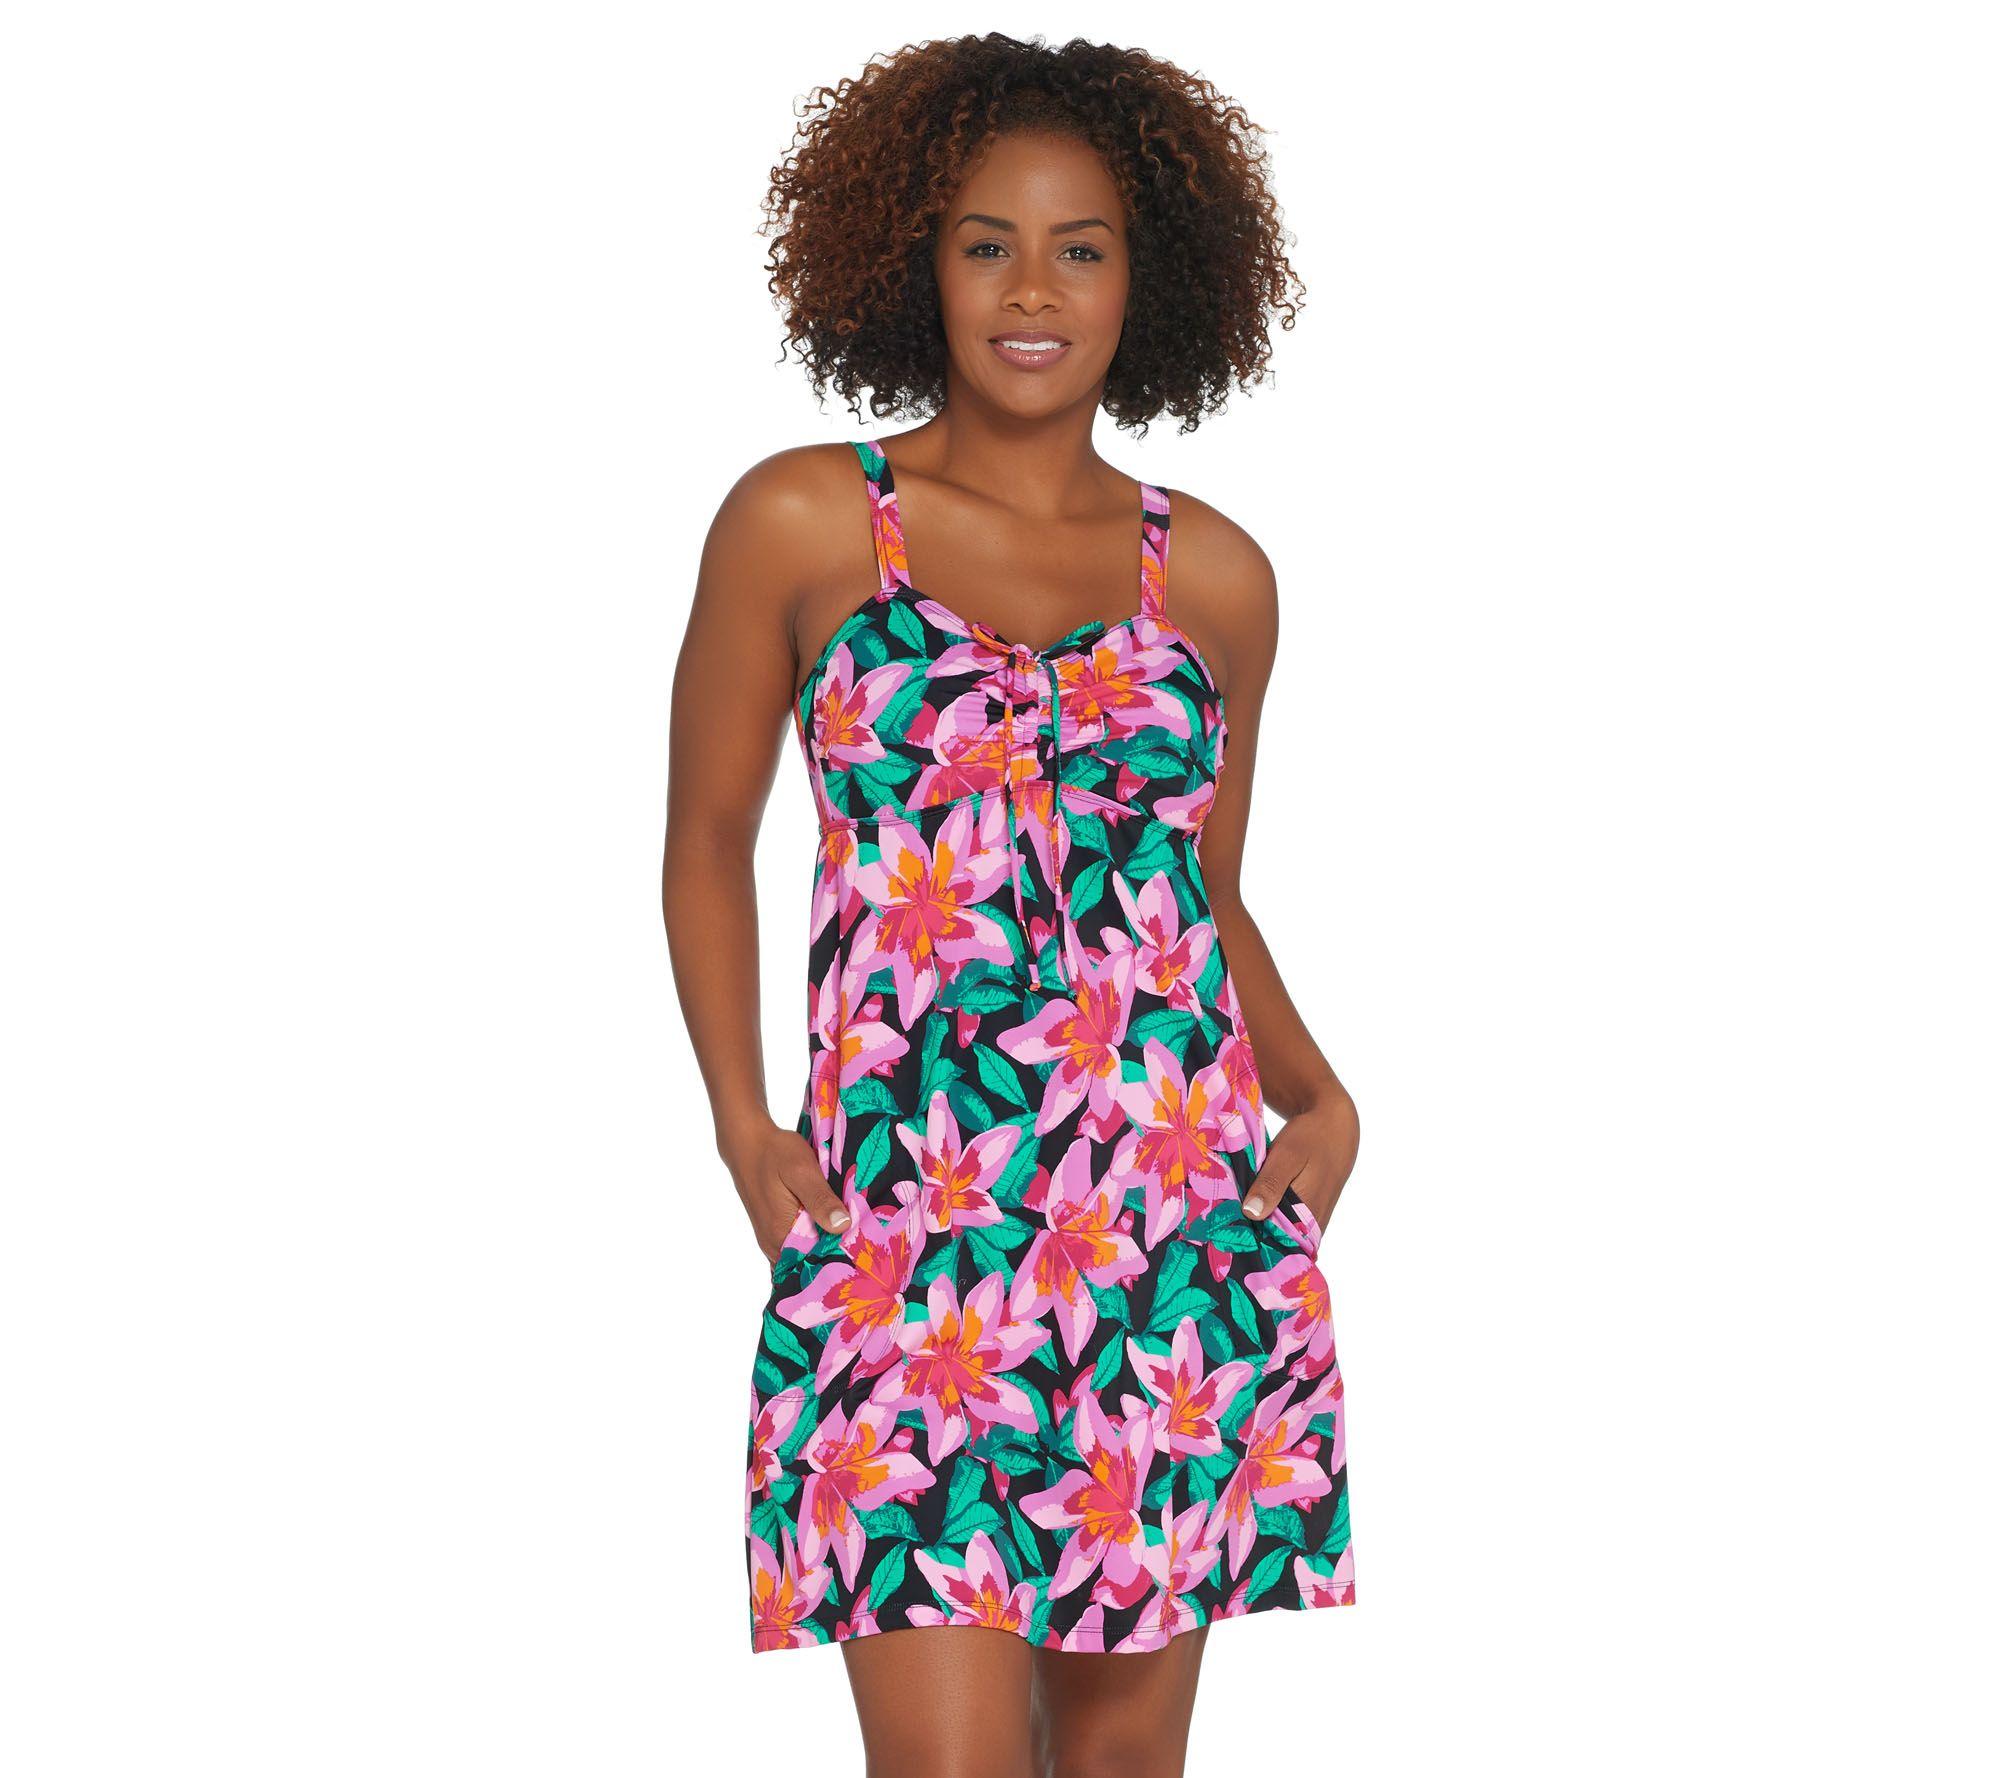 5c1845724ad5e Denim   Co. Beach A-Line Swim Dress - Page 1 — QVC.com